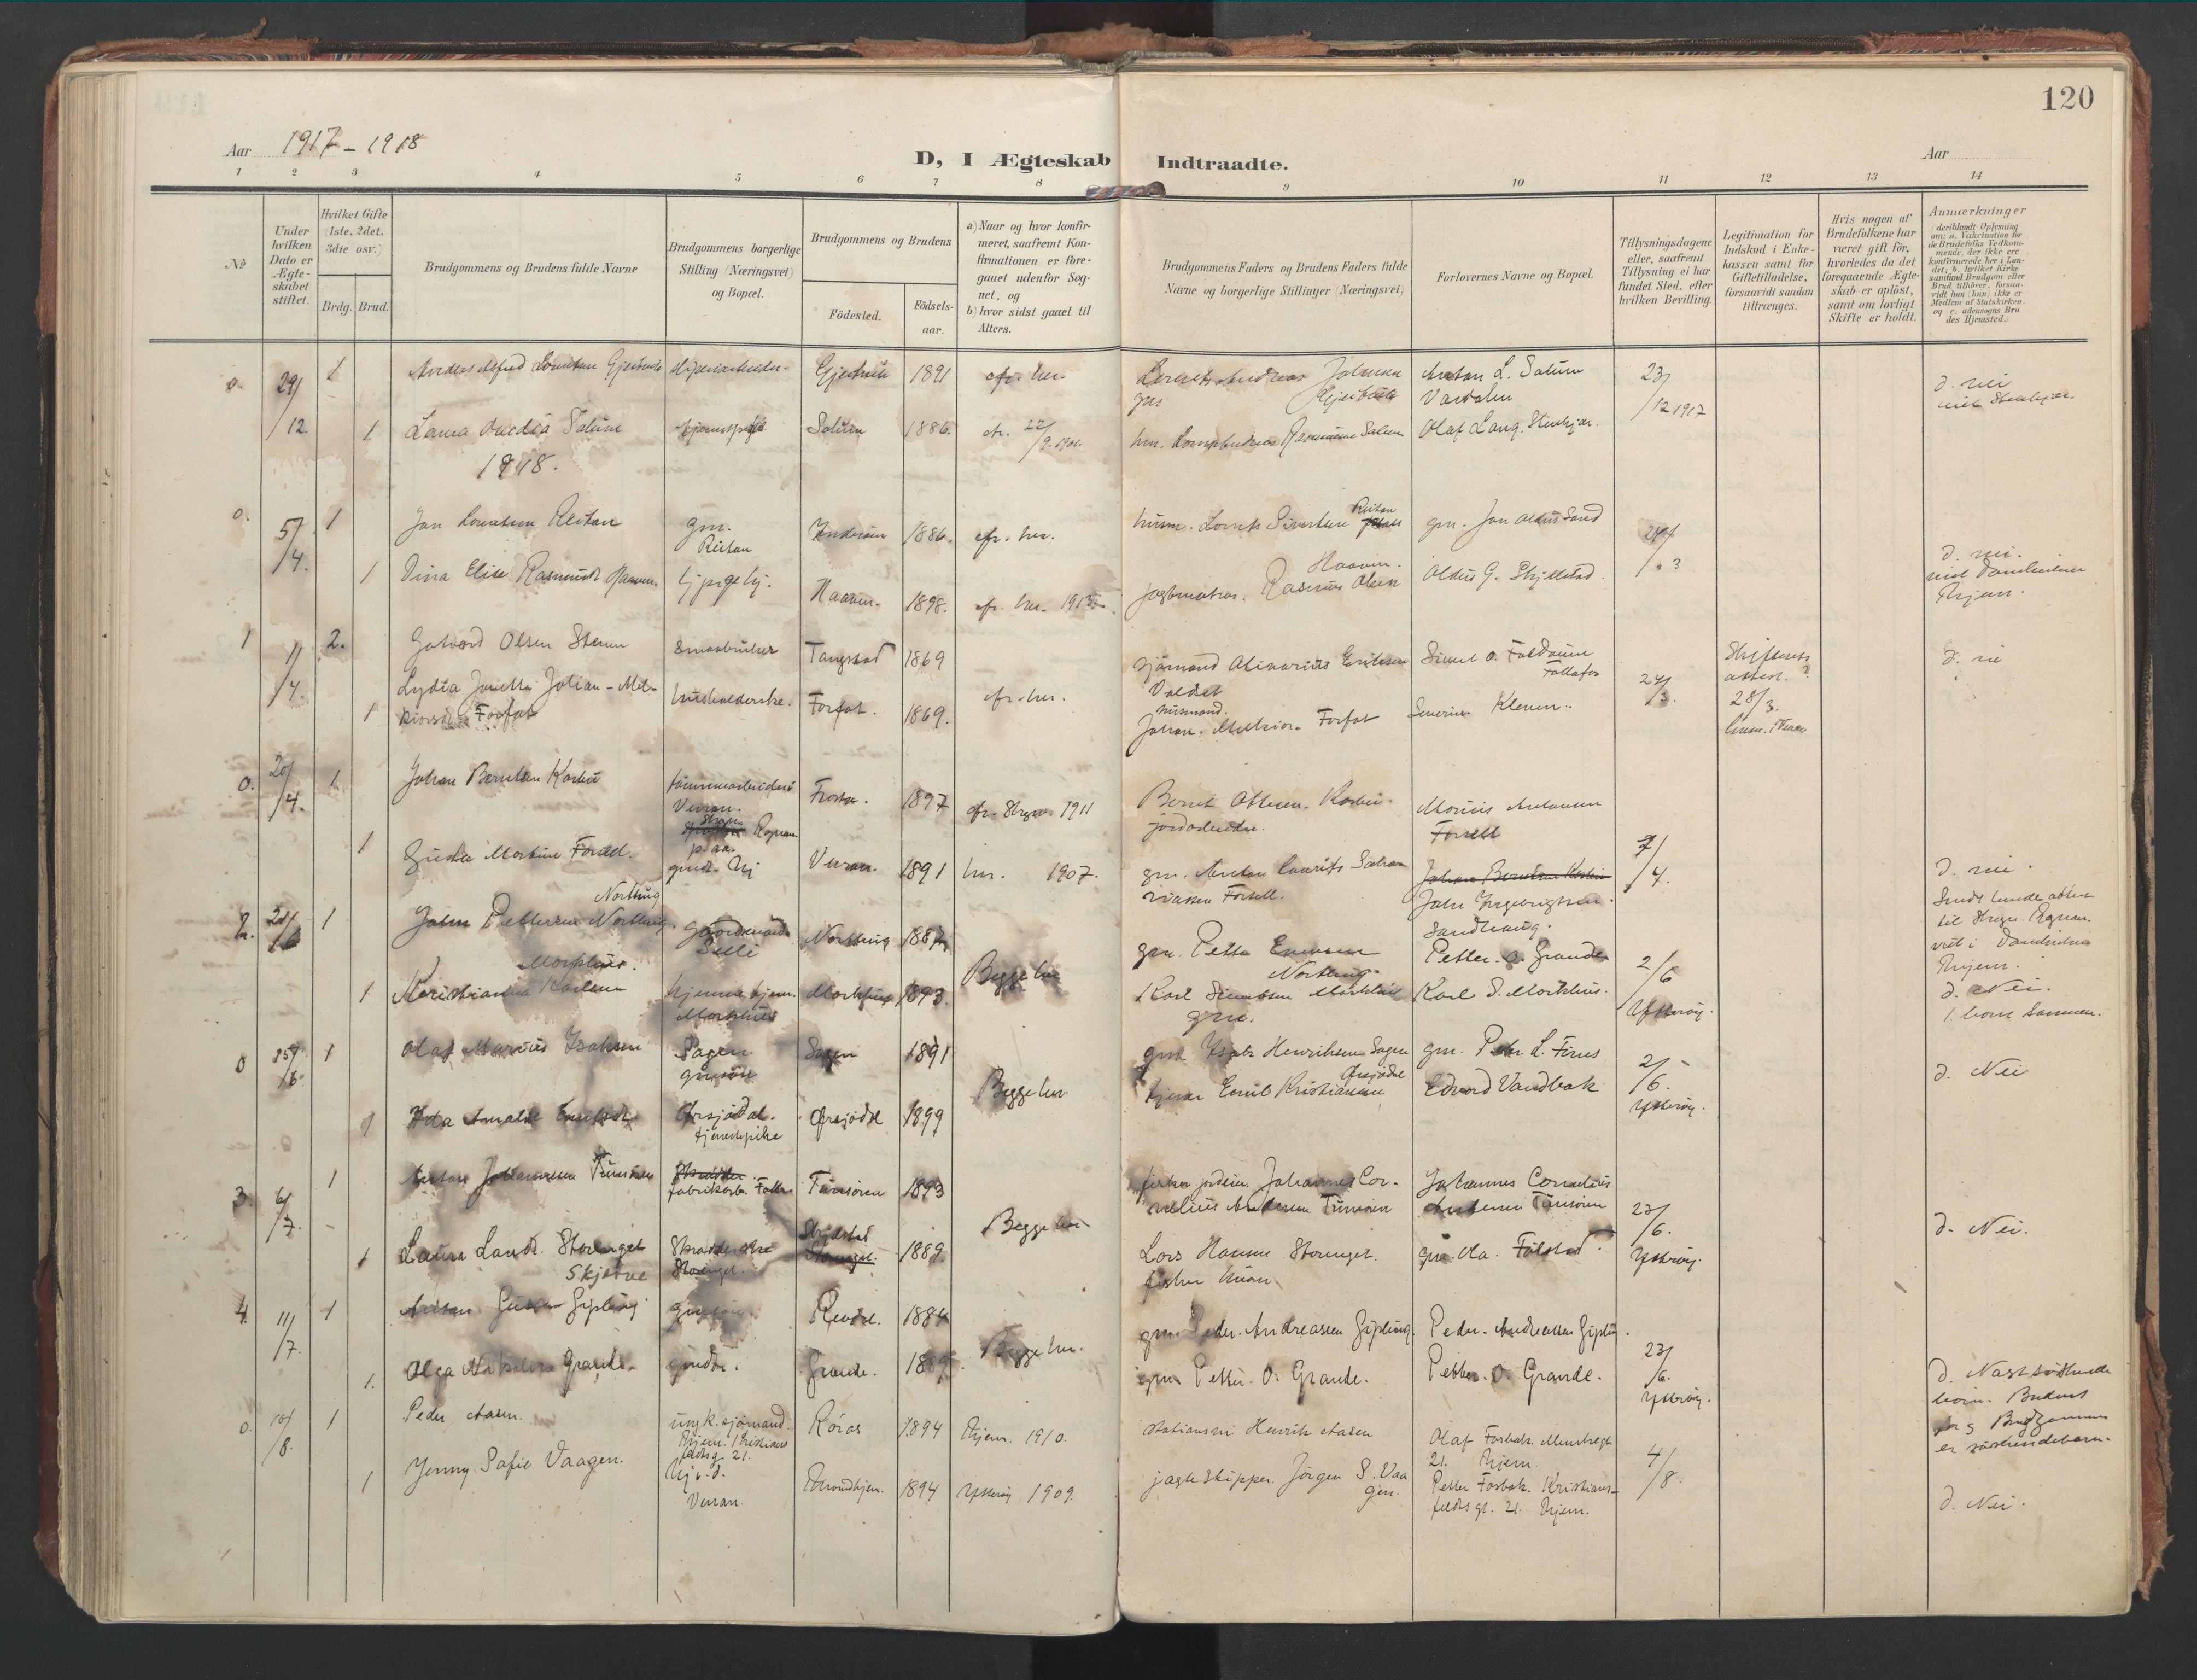 SAT, Ministerialprotokoller, klokkerbøker og fødselsregistre - Nord-Trøndelag, 744/L0421: Ministerialbok nr. 744A05, 1905-1930, s. 120